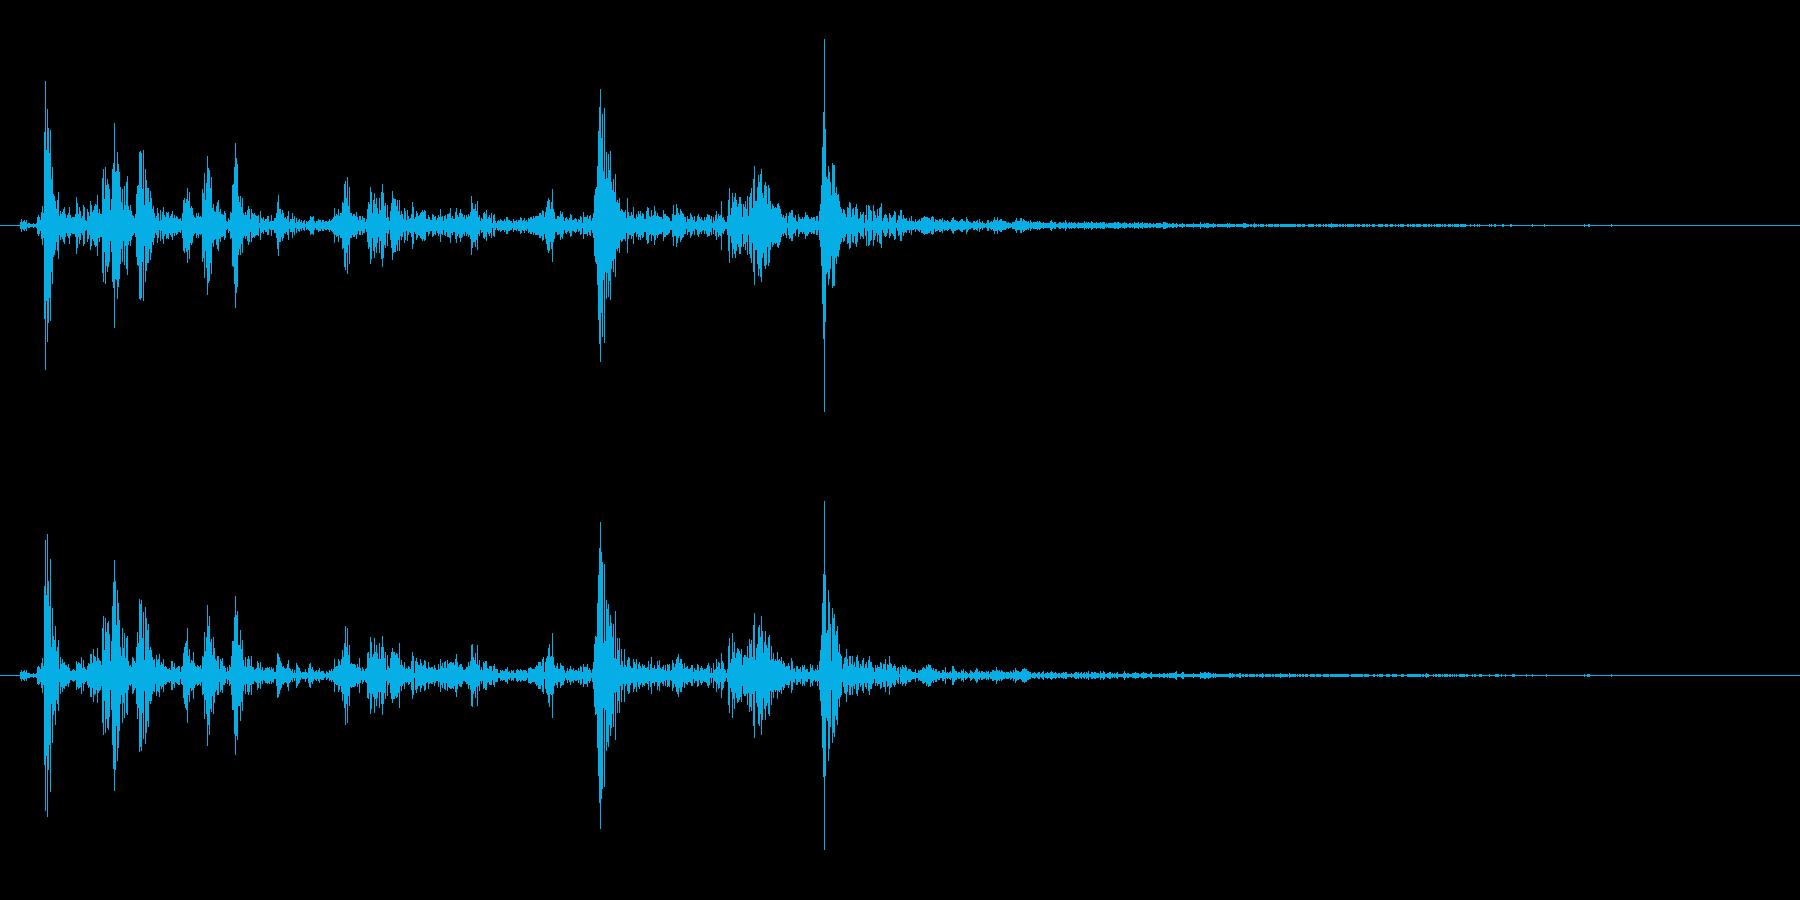 【生録音】かじる音 噛む カリッ 再現音の再生済みの波形